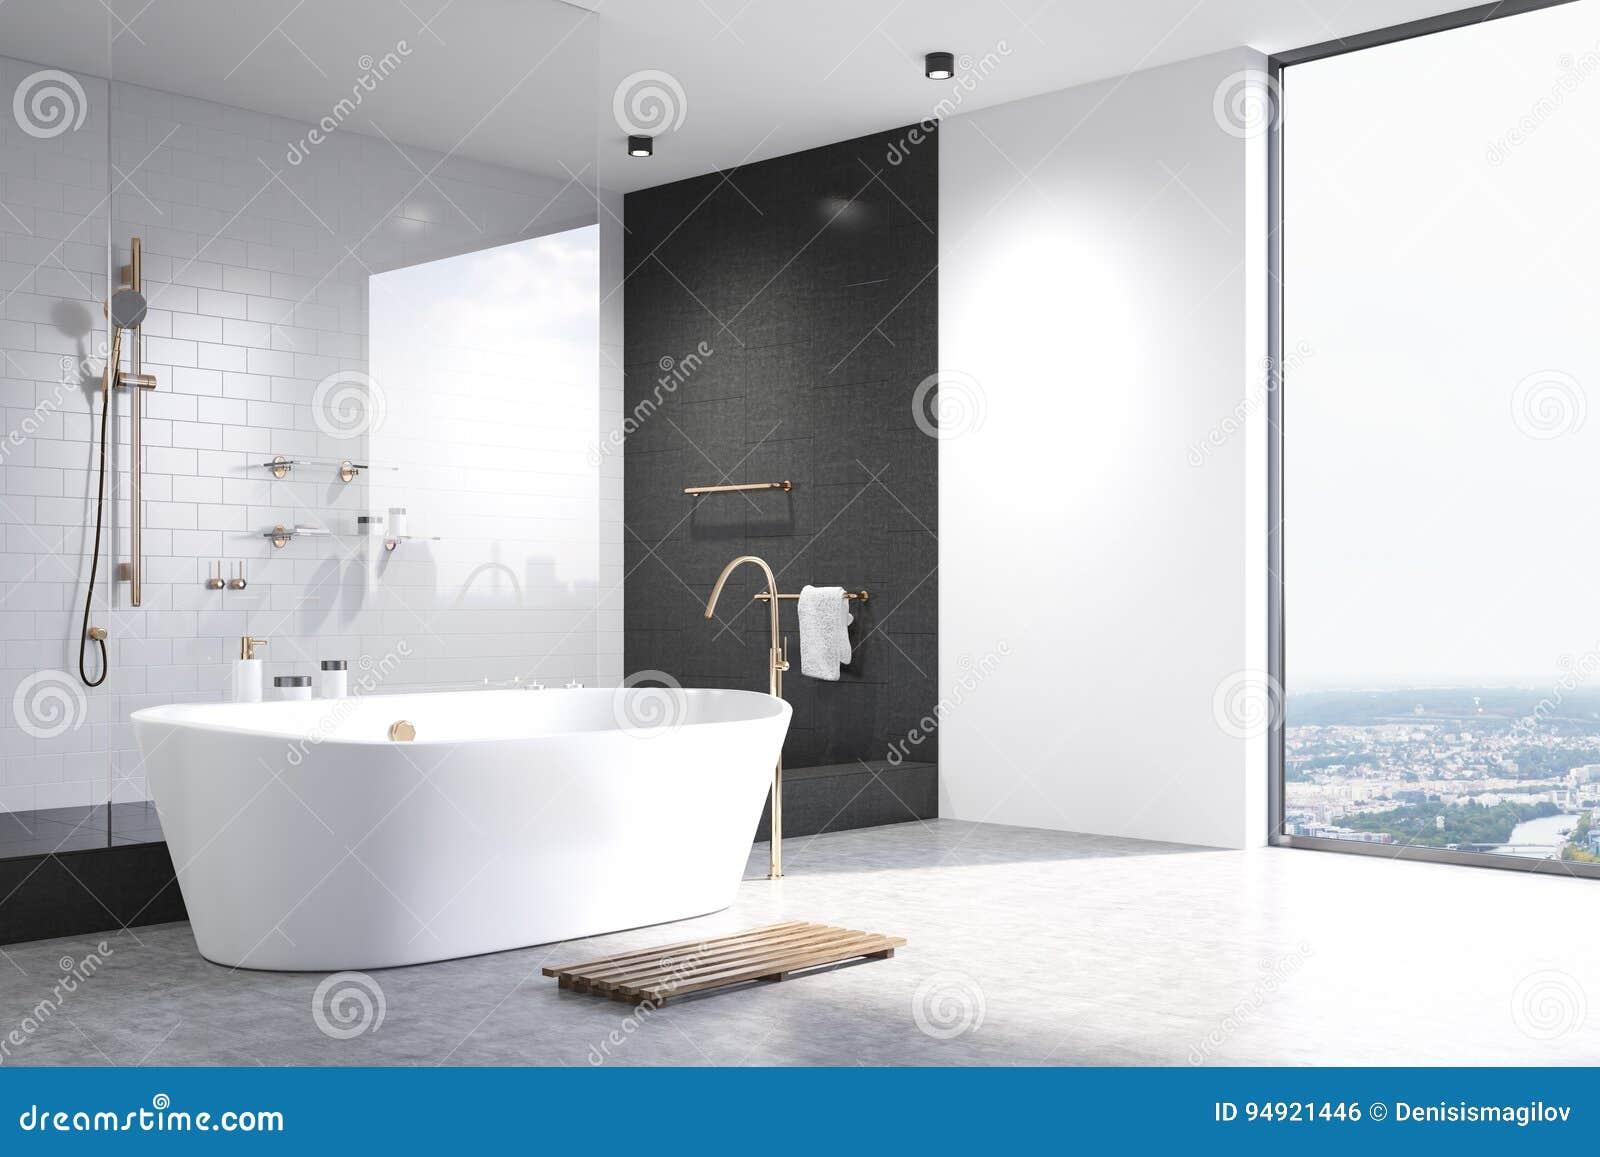 White Bathroom With Black Tiles Corner Stock Illustration ...